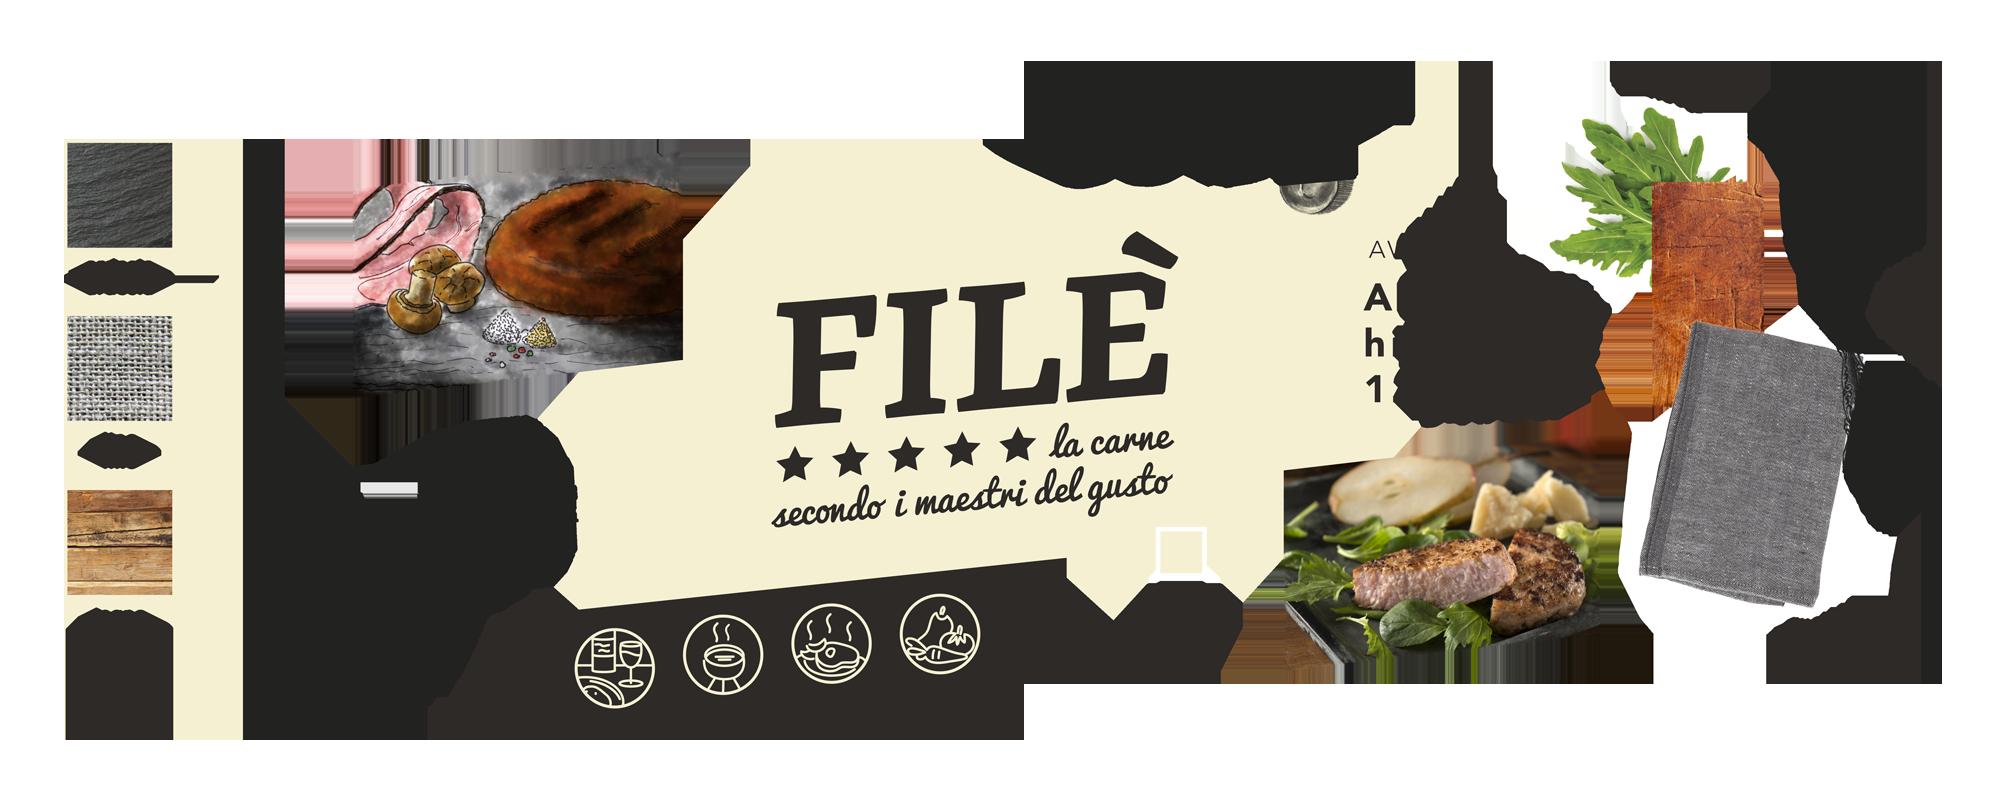 Creazione del marchio per prodotti a base di carne: Tavola di stile degli elementi del brand Filè